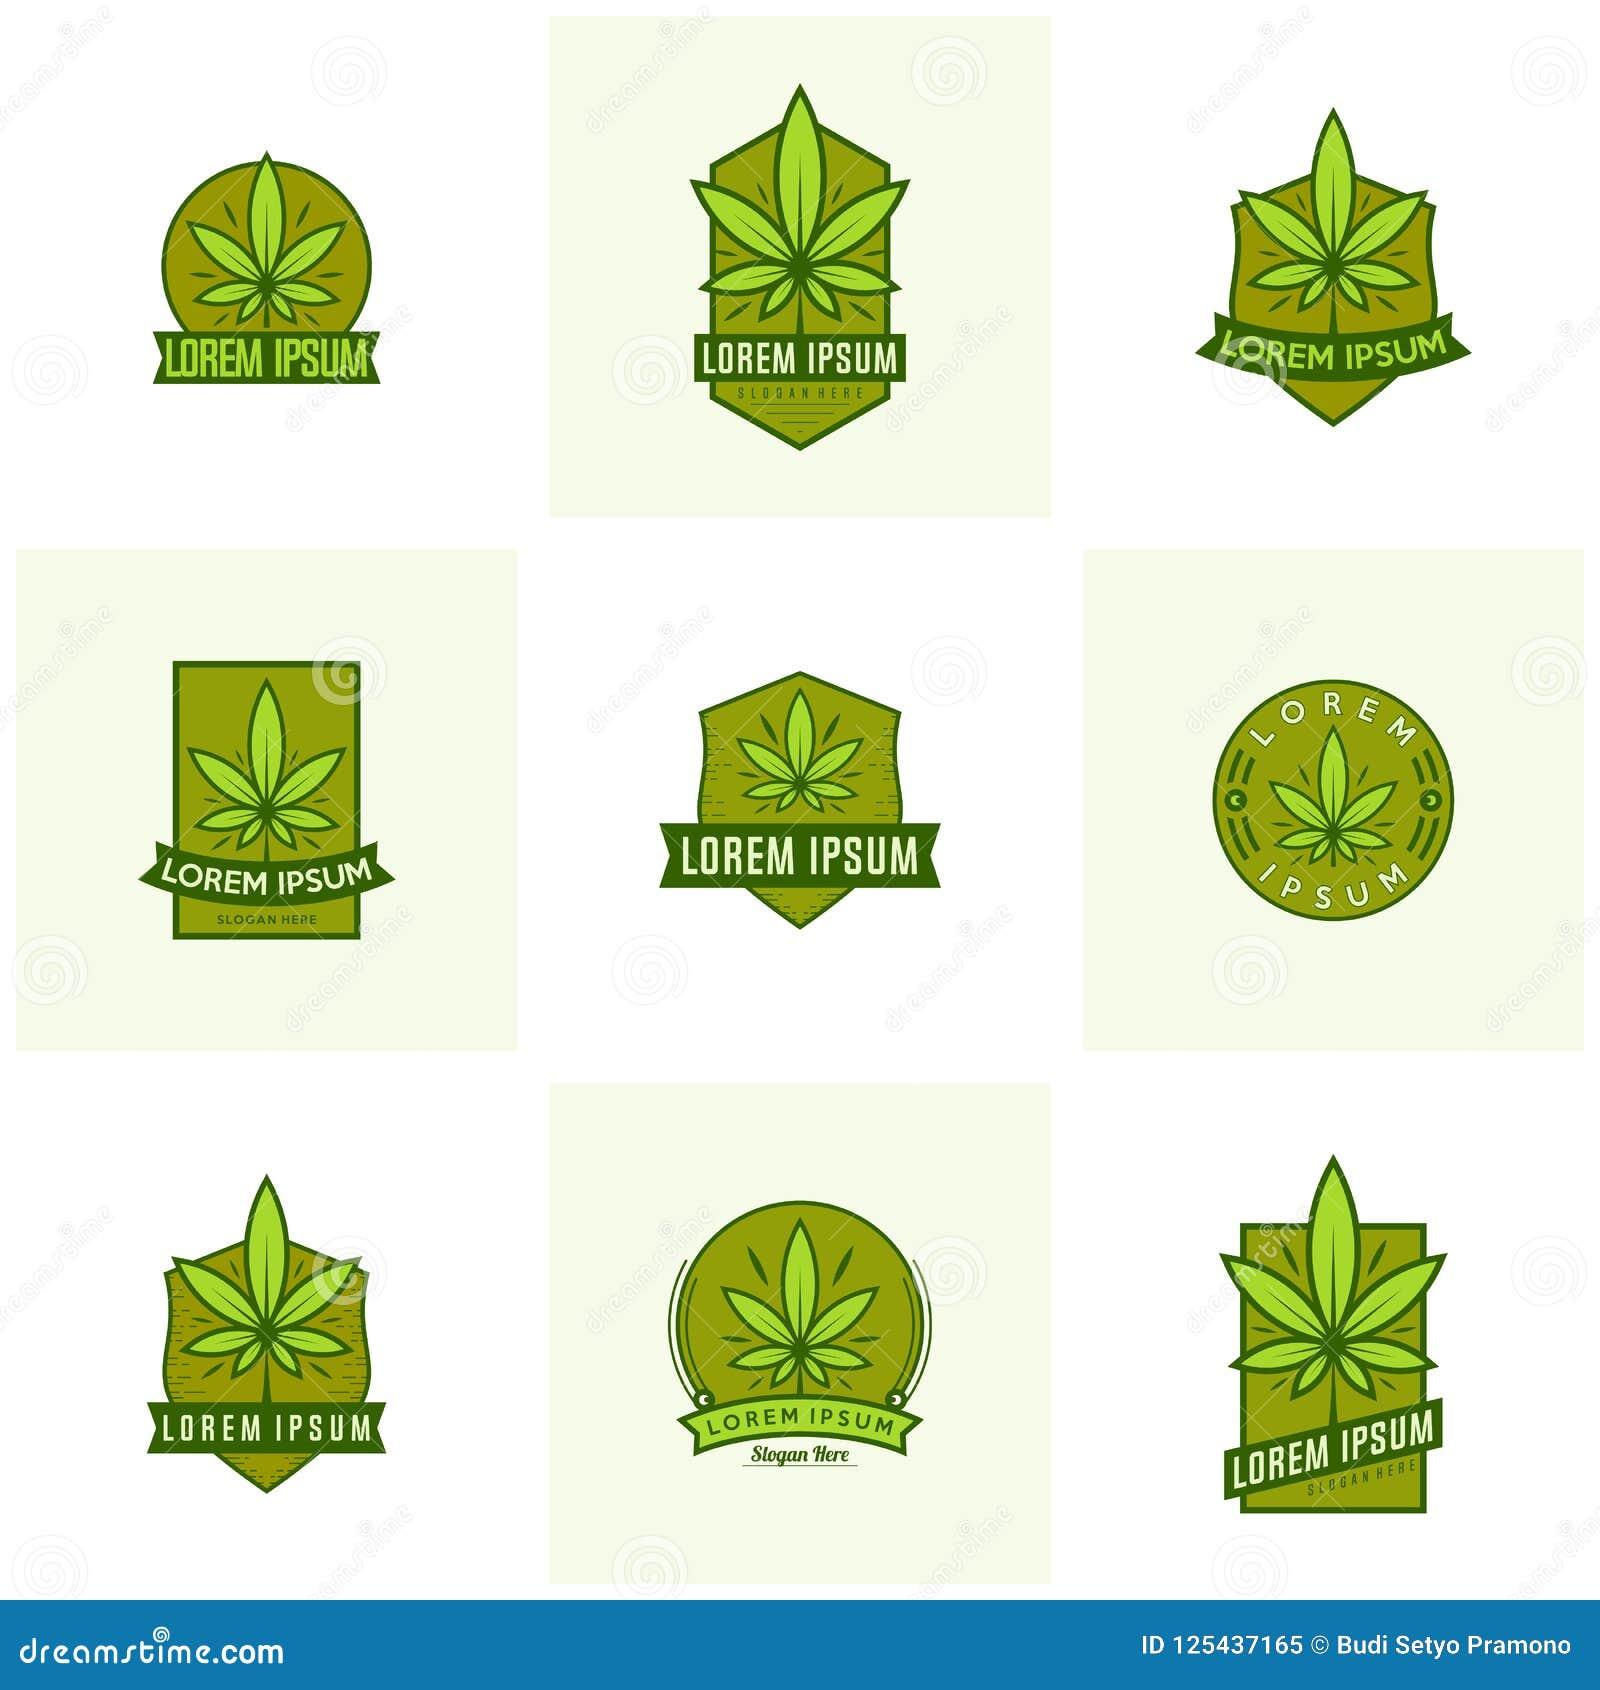 Эмблема конопля марихуана в лечении рассеянного склероза